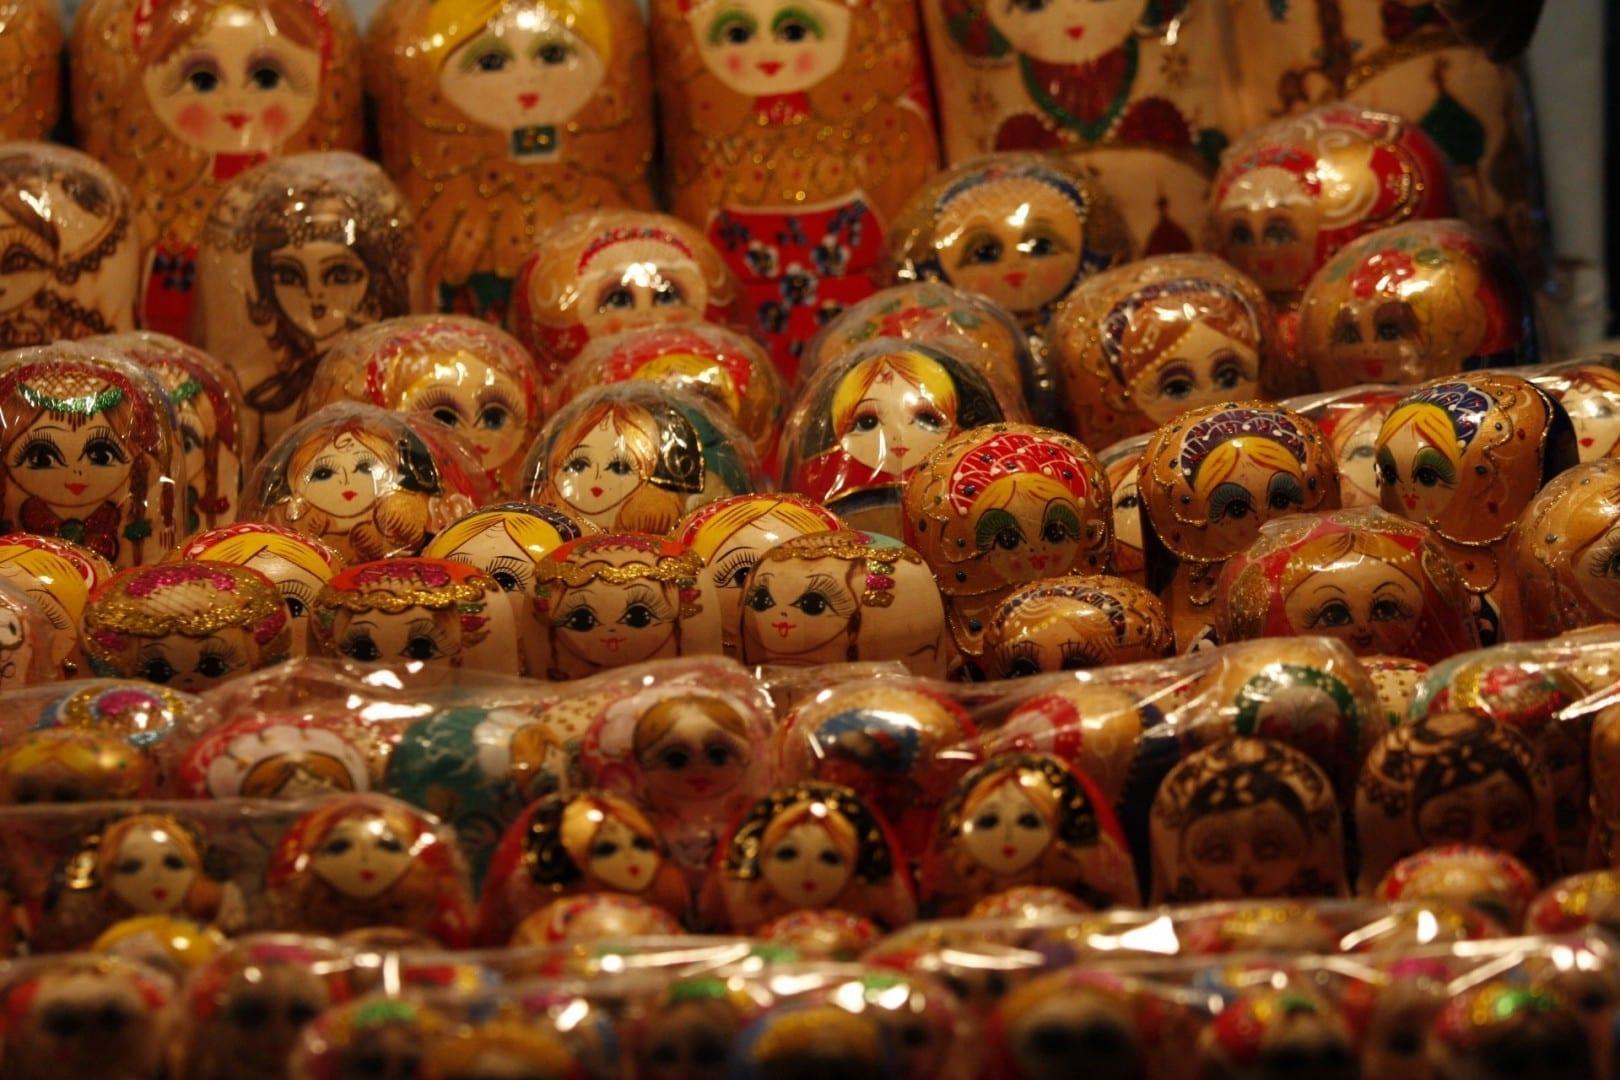 Una familia entera de muñecas matryoshka, o muñecas rusas Harbin China